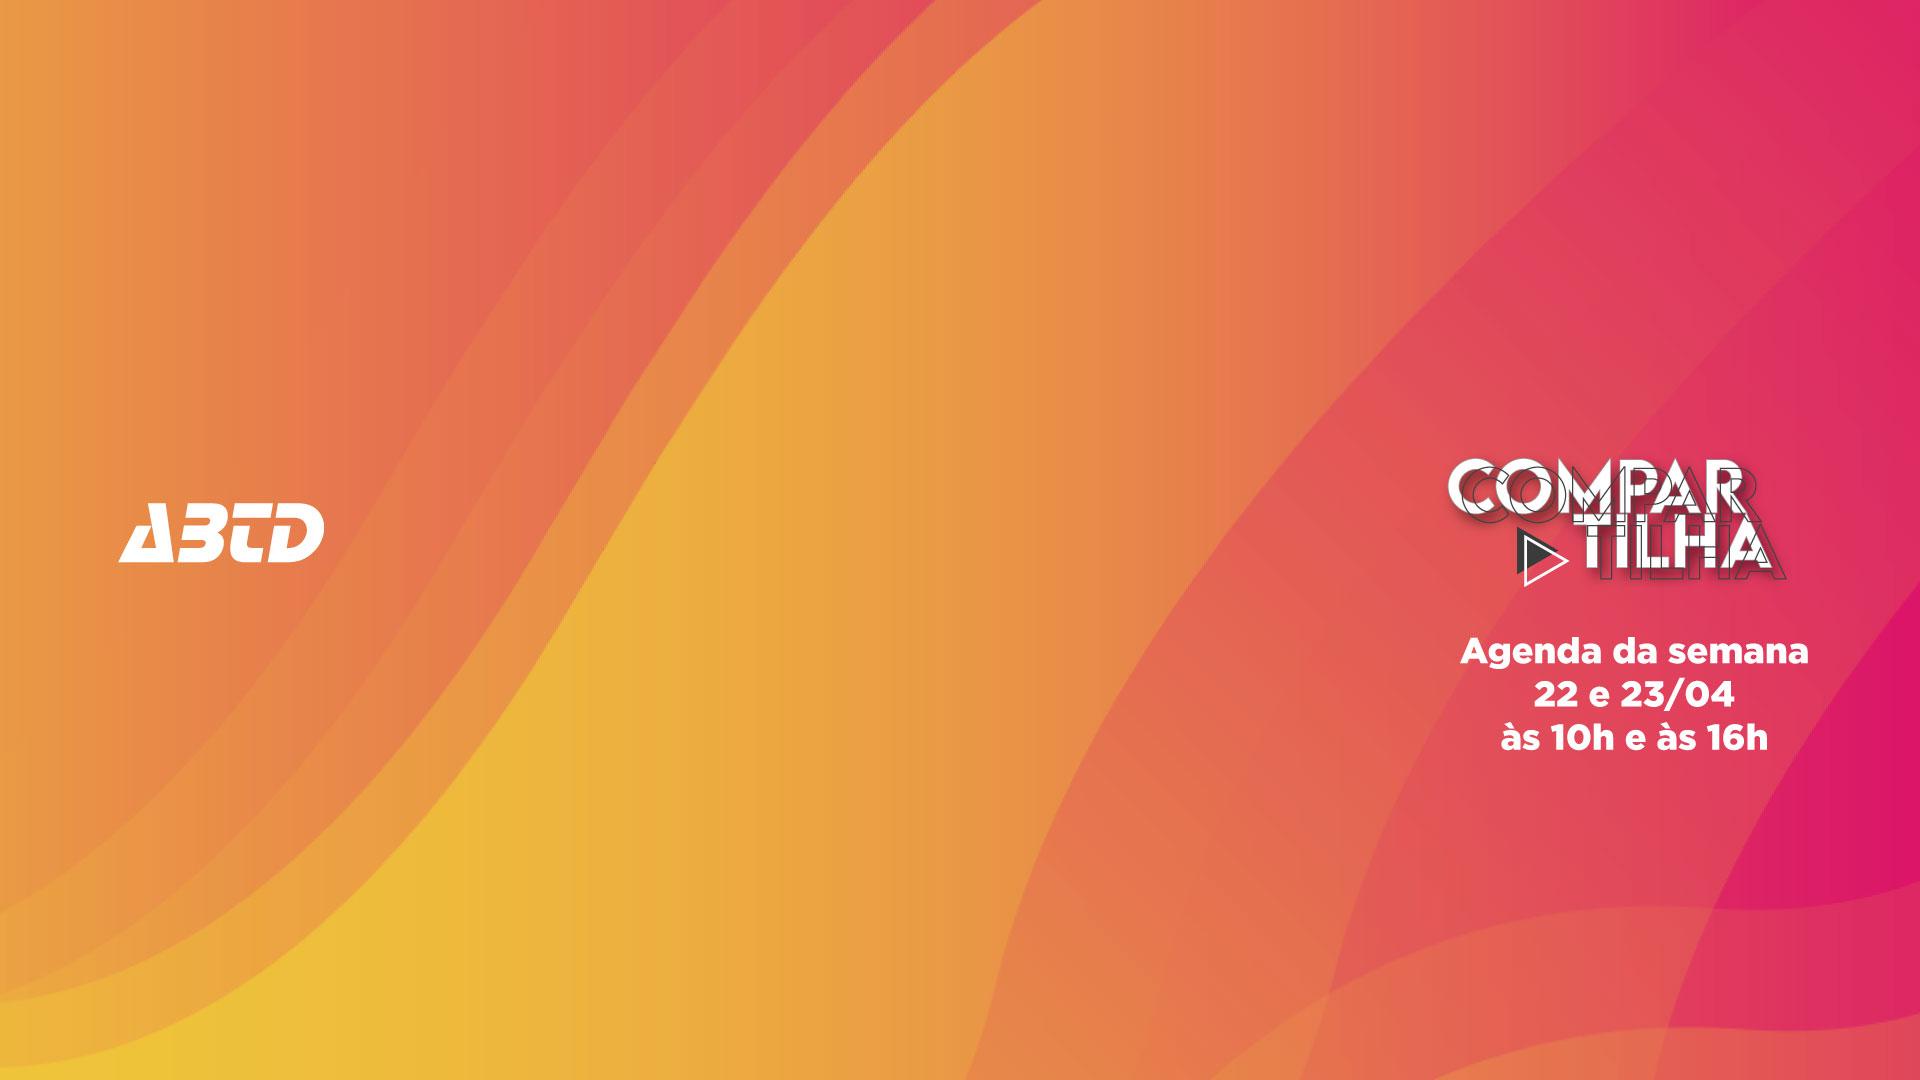 Compartilha ABTD: Programação de 22 a 23 de abril